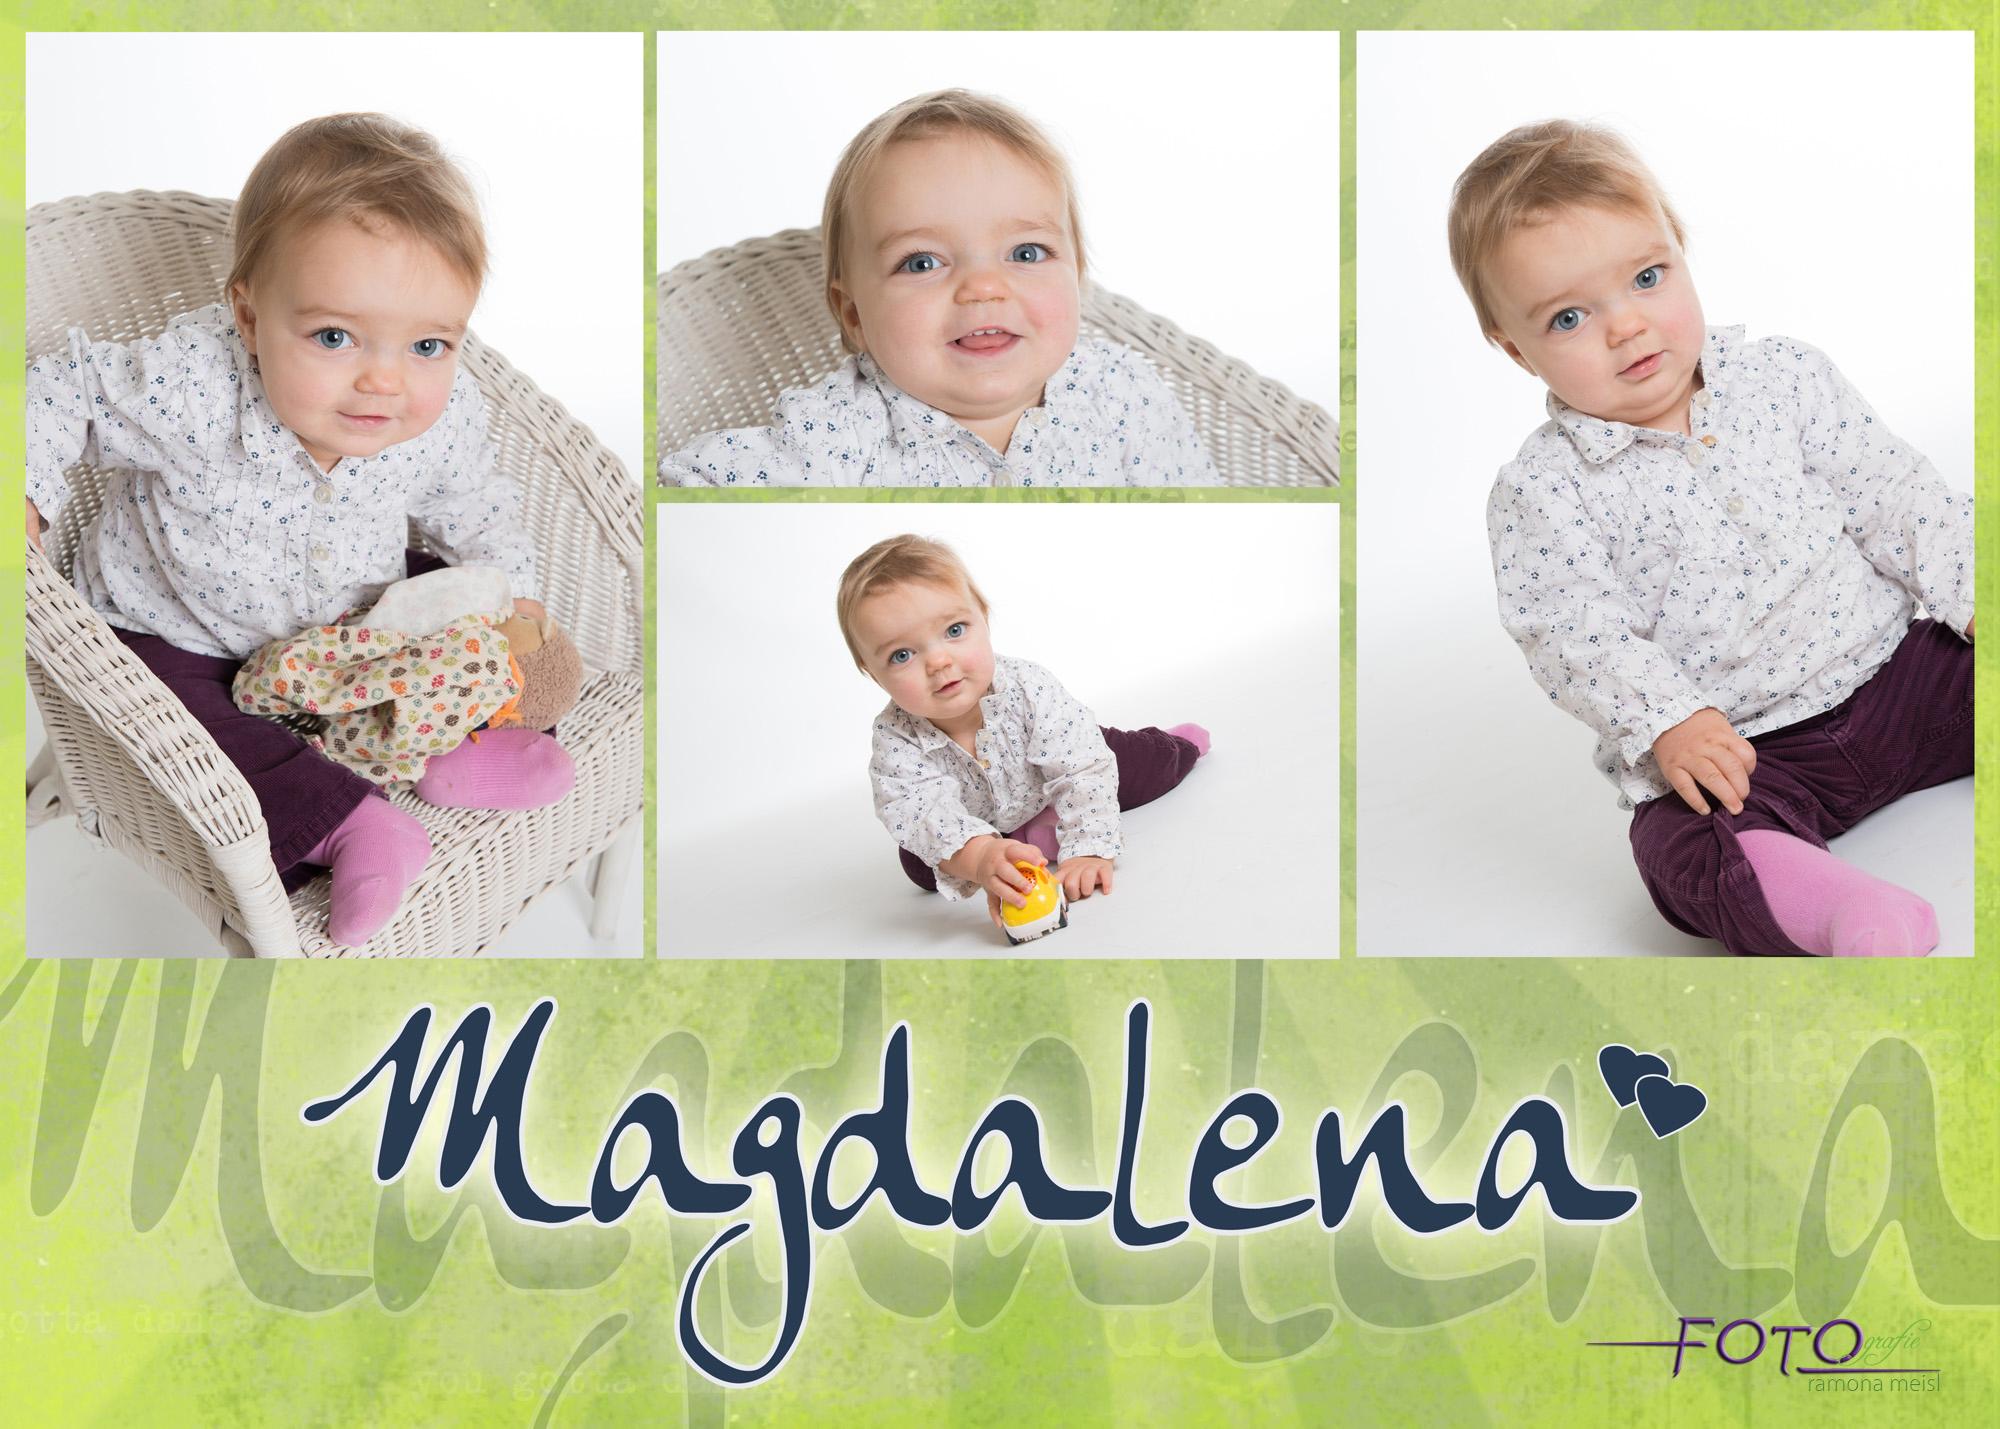 Babyfotografie, Fotografie Meisl, Fotografie Holzkirchen, Fotografie Valley, Hochzeitsfotografie